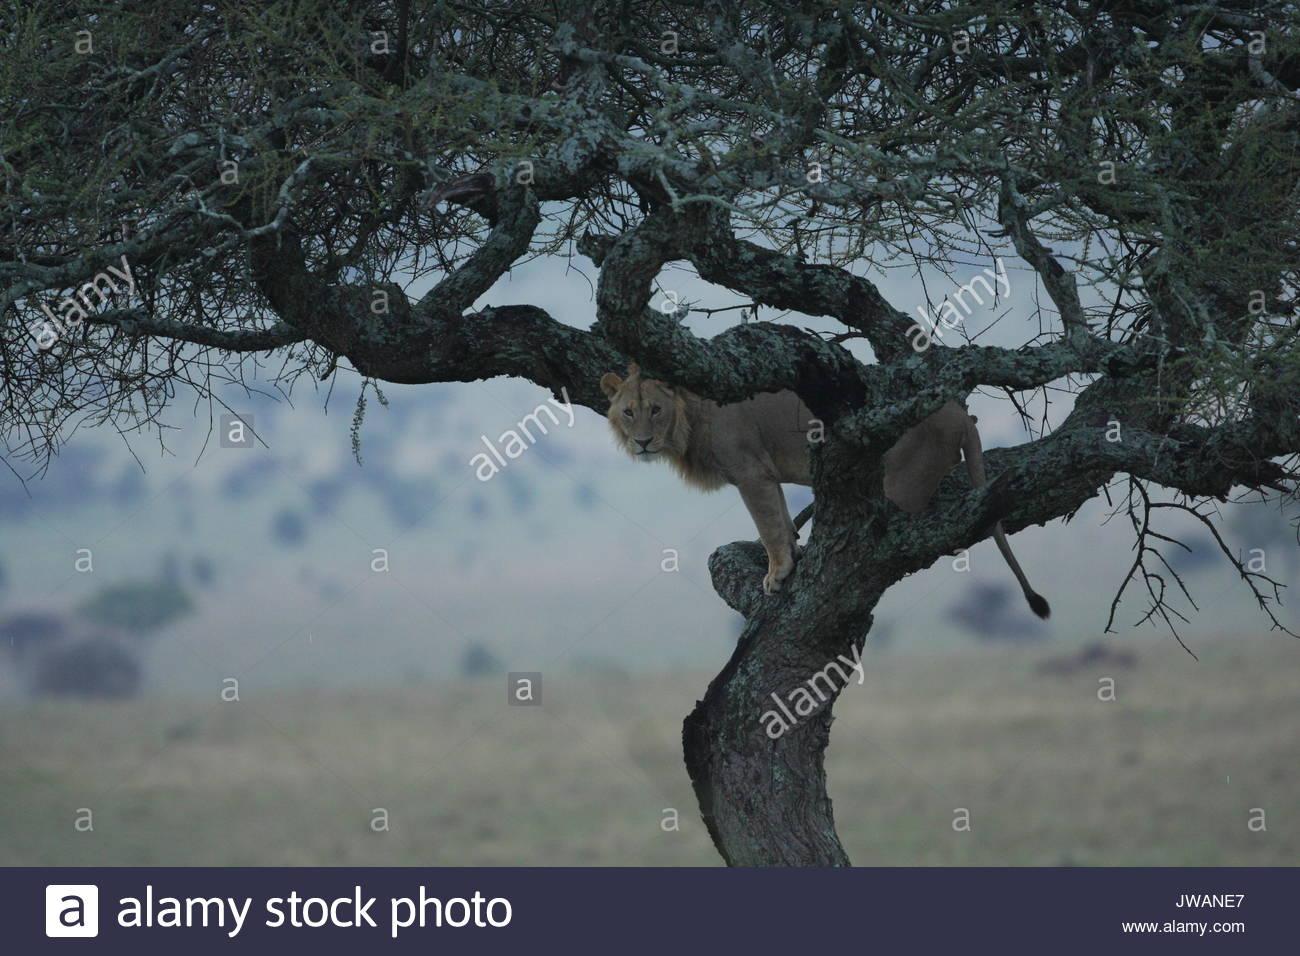 Lion,Panthera leo. Es raro ver a un león en un árbol. Los leones son los grandes felinos y, al igual que una casa cat,este joven león macho atrapado en un árbol. Imagen De Stock